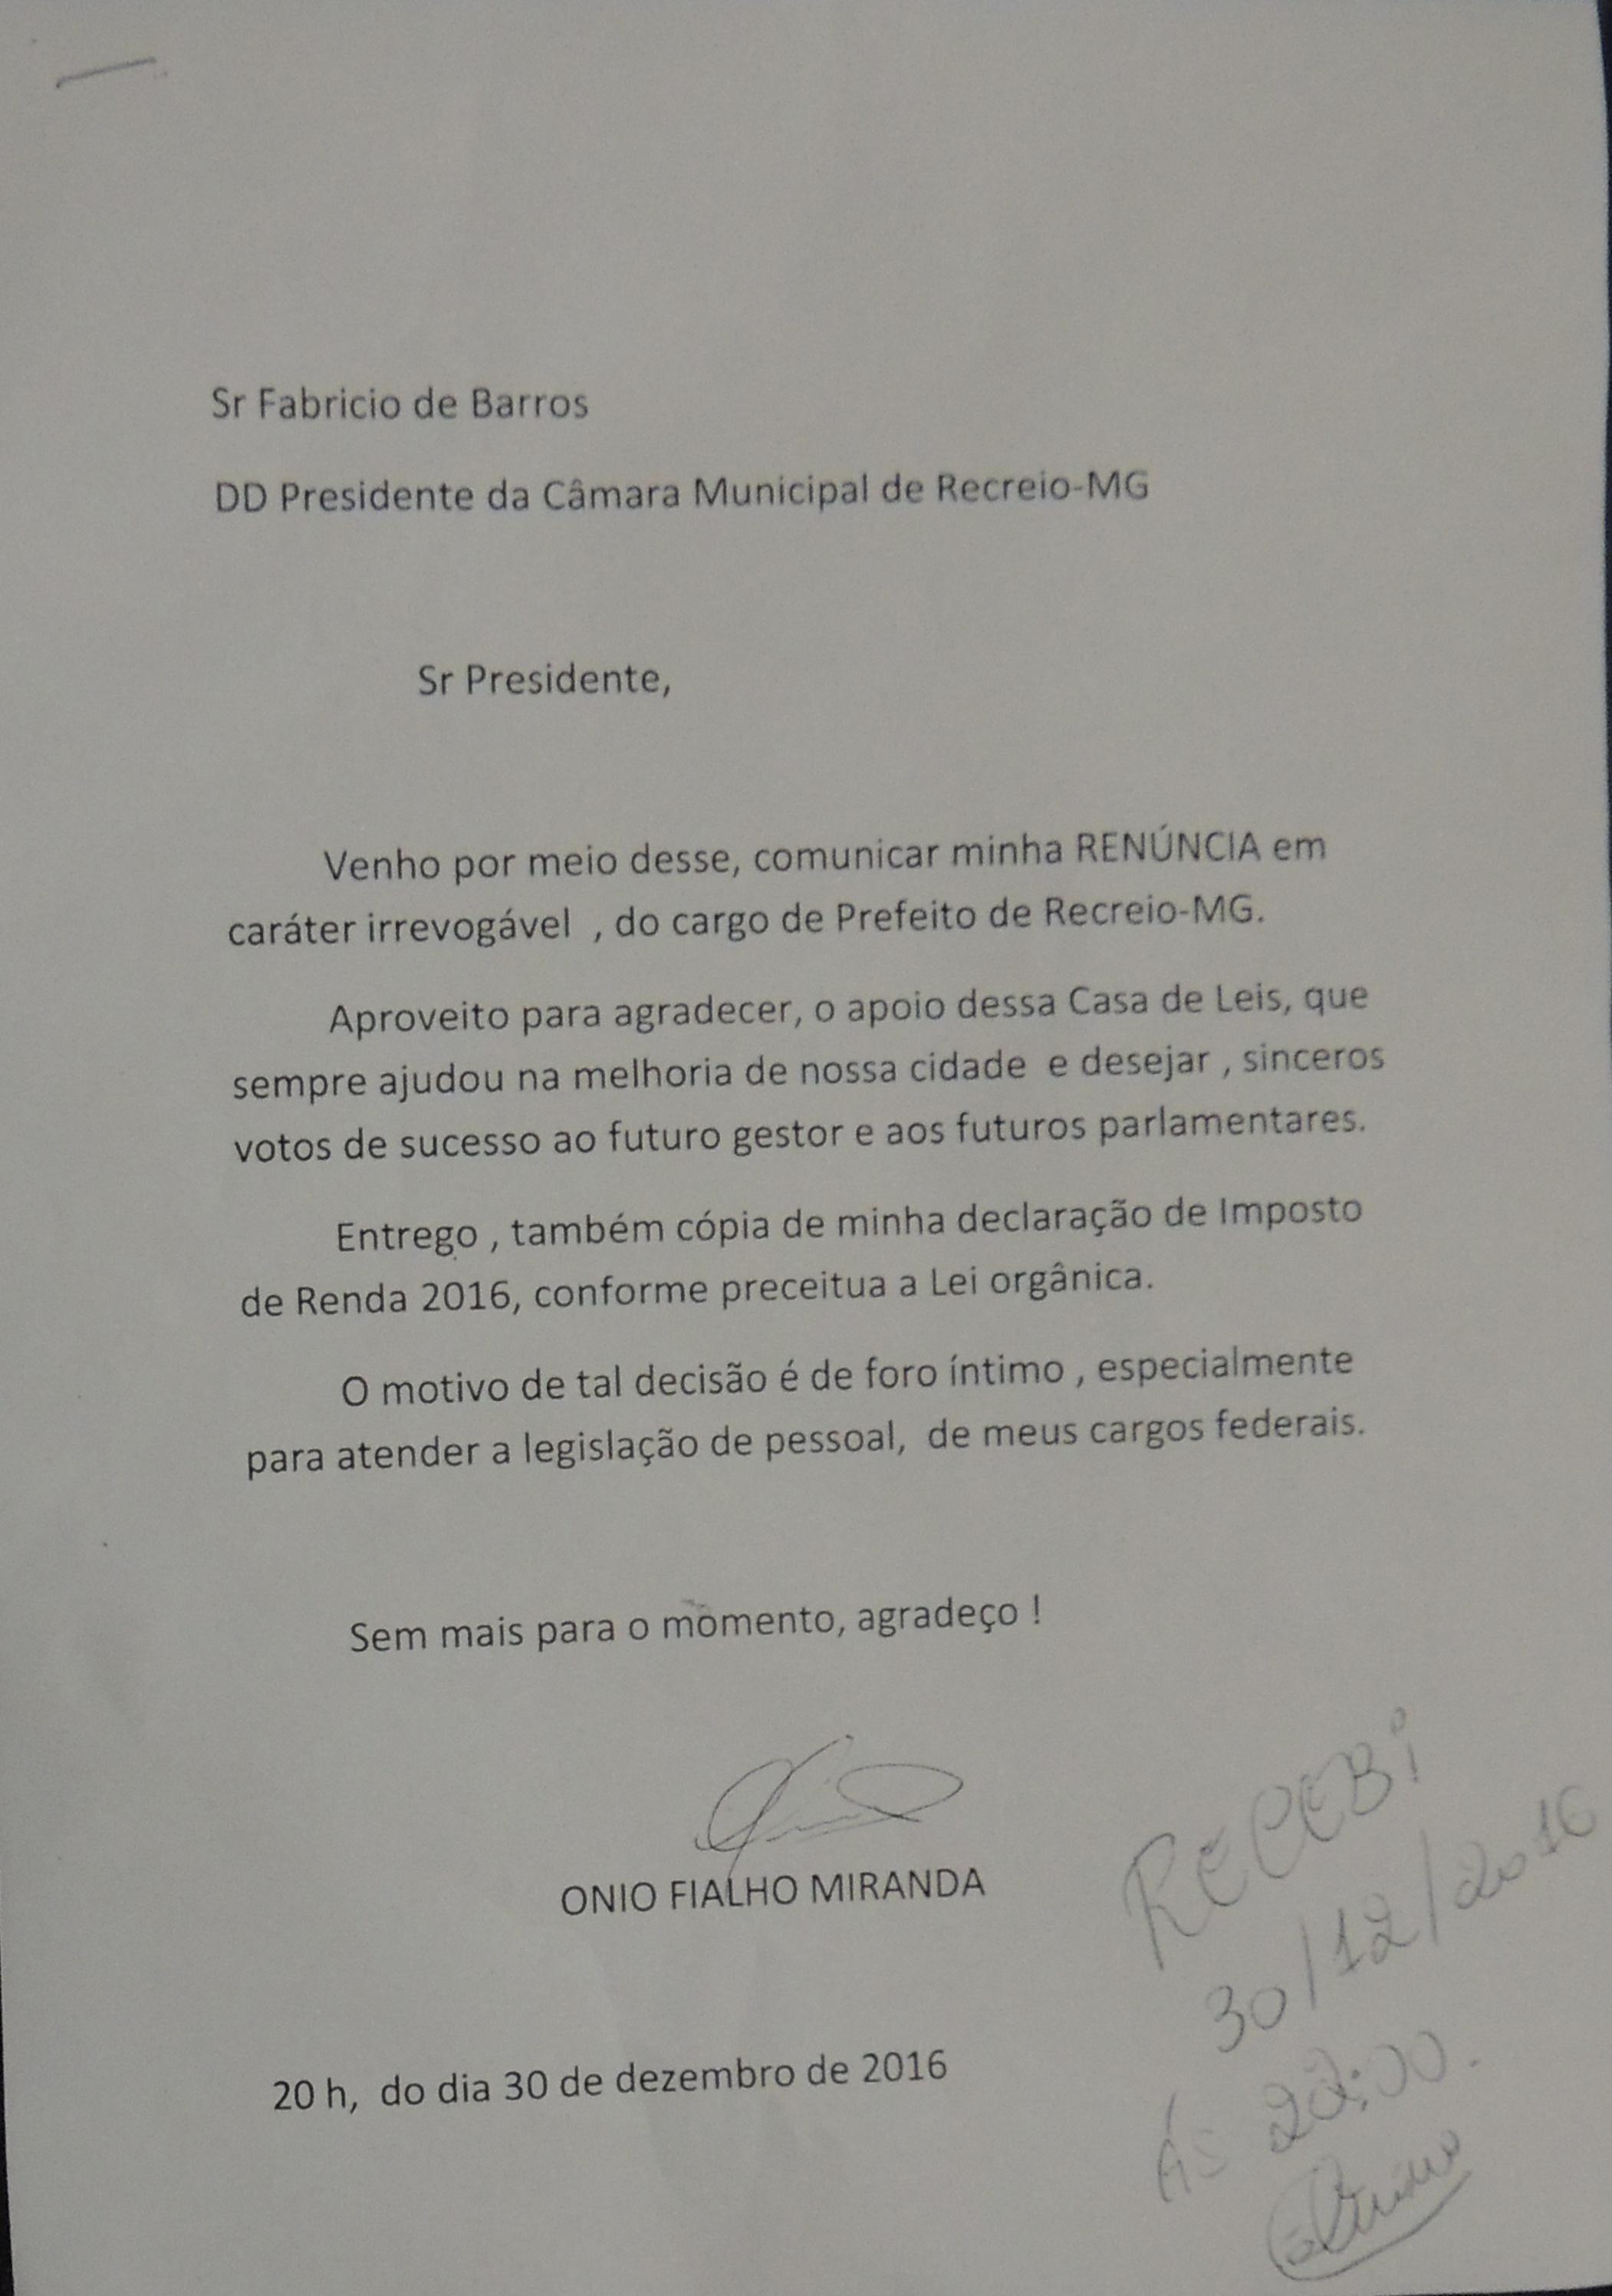 Carta de renúncia do prefeito Ônio.